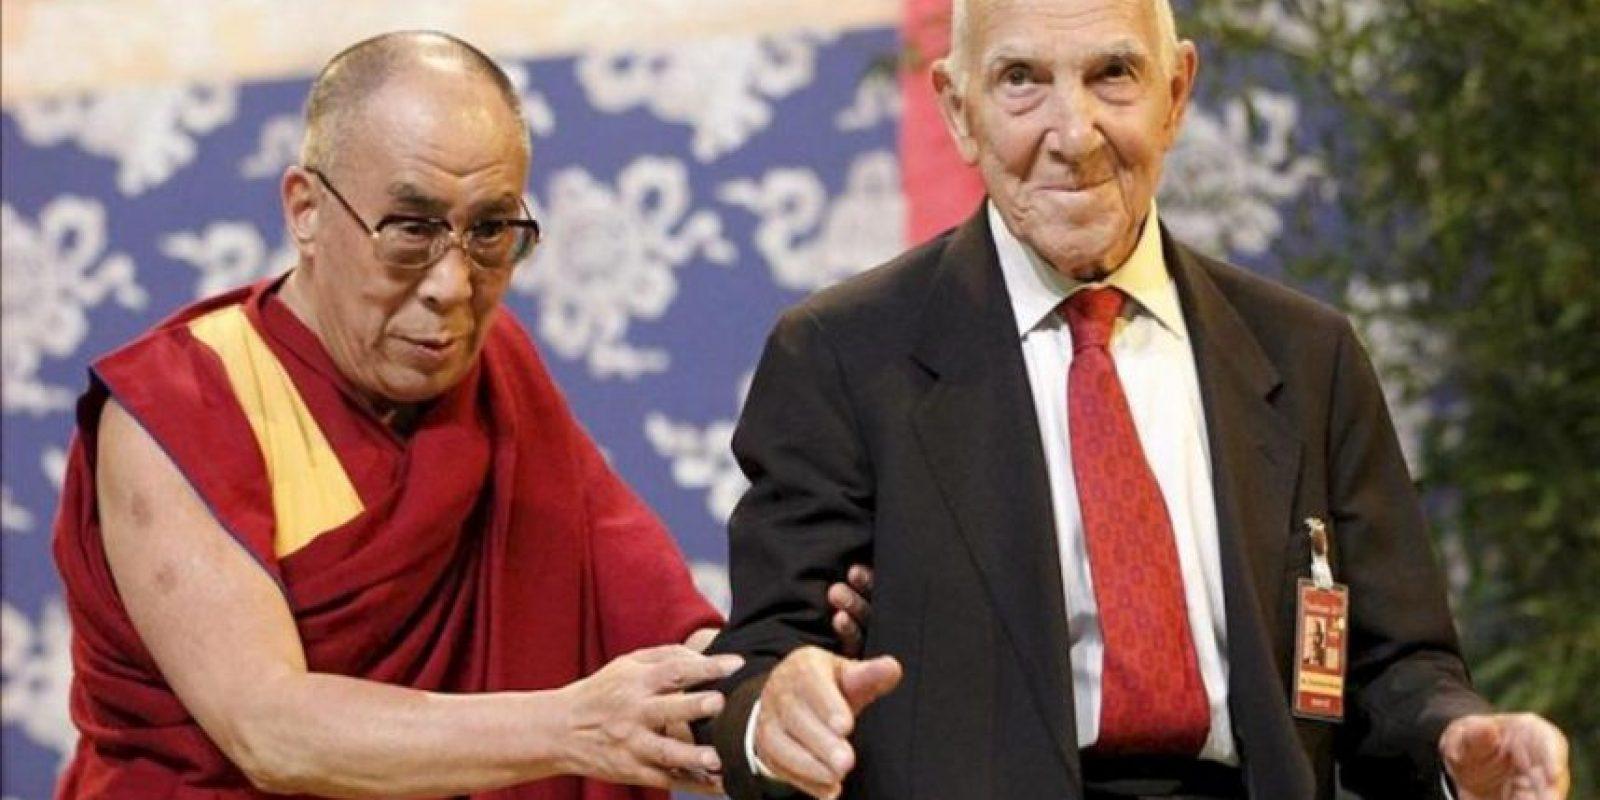 """Fotografía de archivo tomada el 15 de agosto de 2011 que muestra al pensador, escritor, diplomático y resistente francoalemán Stéphane Hessel (dcha), autor del popular manifiesto """"Indignaos"""", junto al líder espiritual del Tíbet, el Dalai Lama (izda), en una conferencia en Toulouse (Francia). EFE/Archivo"""